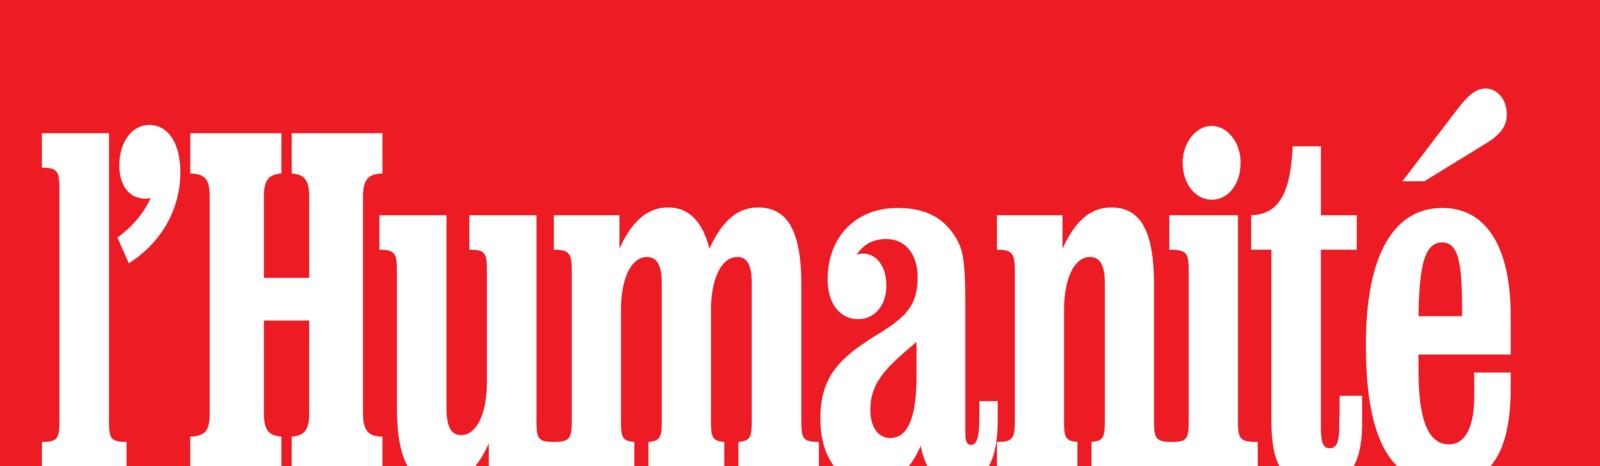 Contrôle des ventes d'armes : l'opacité, une spécificité française - L'Humanité, entretien de Tony Fortin avec Marc de Miramon, 17 avril 2021